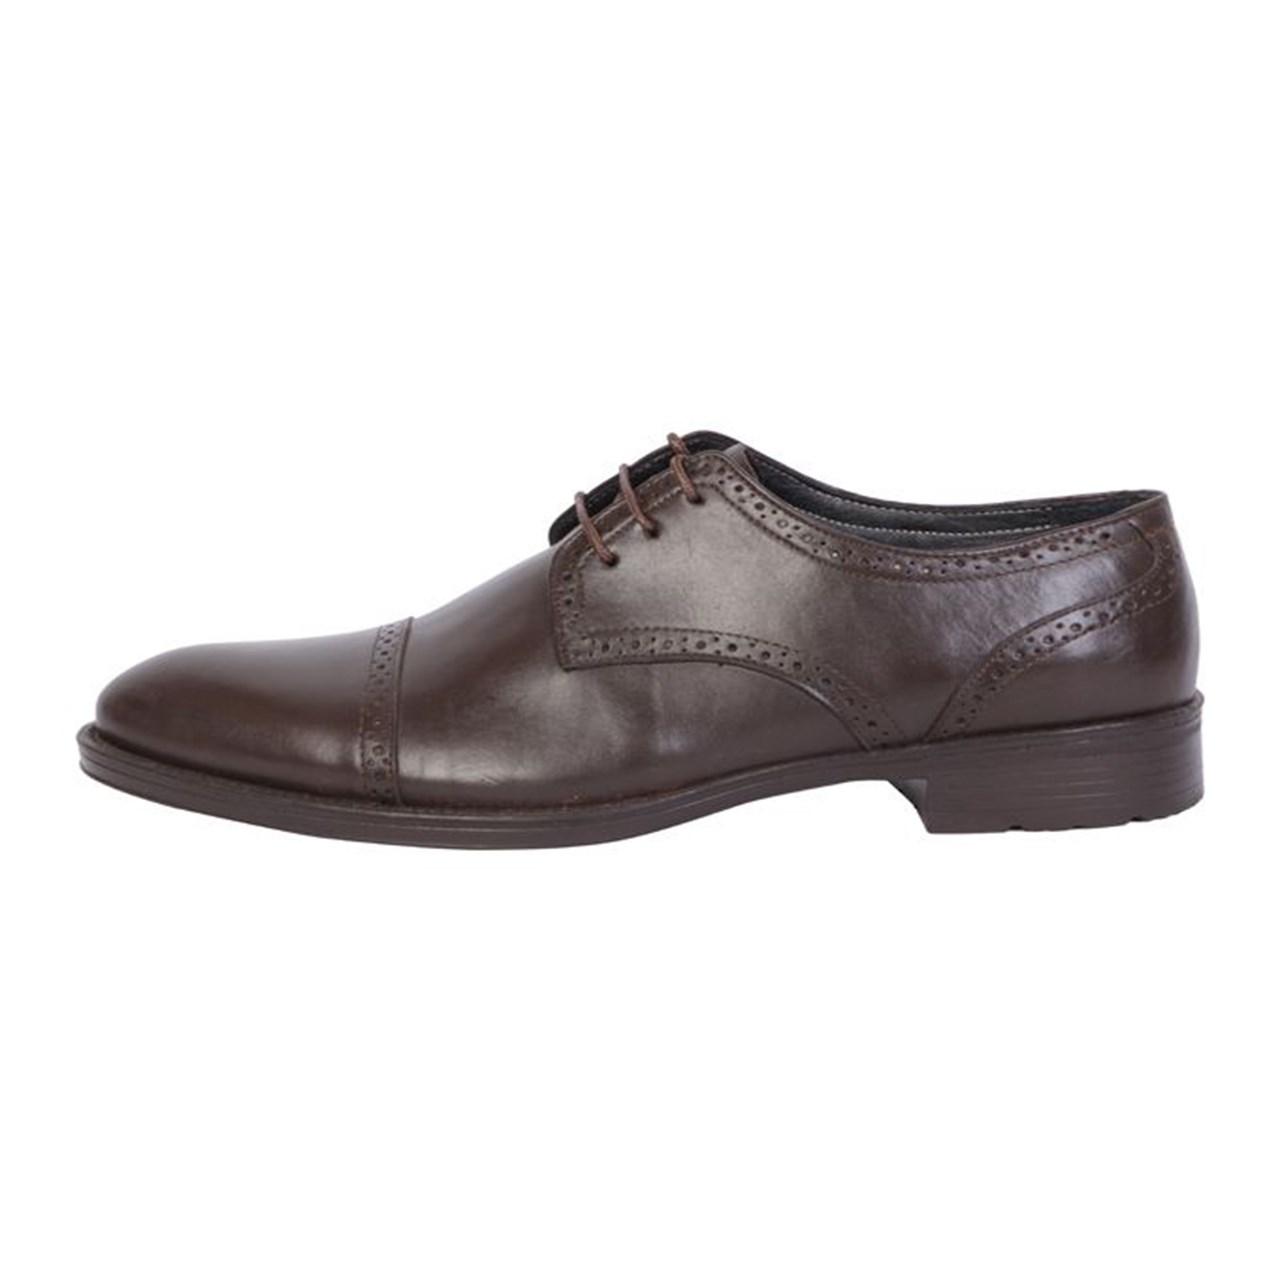 کفش مردانه چرم مهاجر  مدل m41 gh